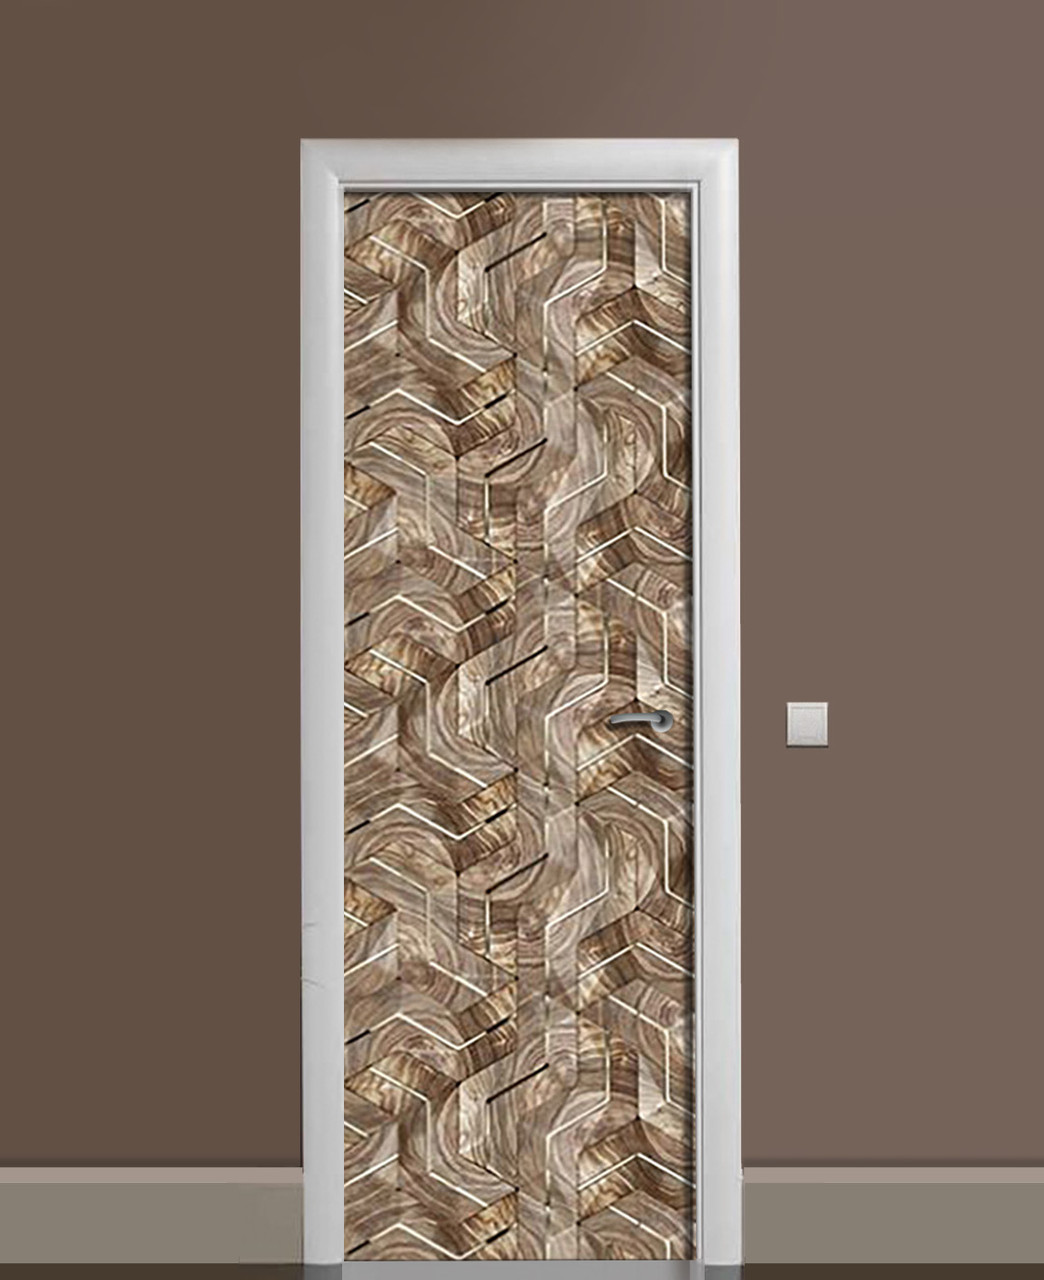 Декор двери Наклейка виниловая Бронзовая Мозаика ПВХ пленка с ламинацией 65*200см Абстракция Коричневый